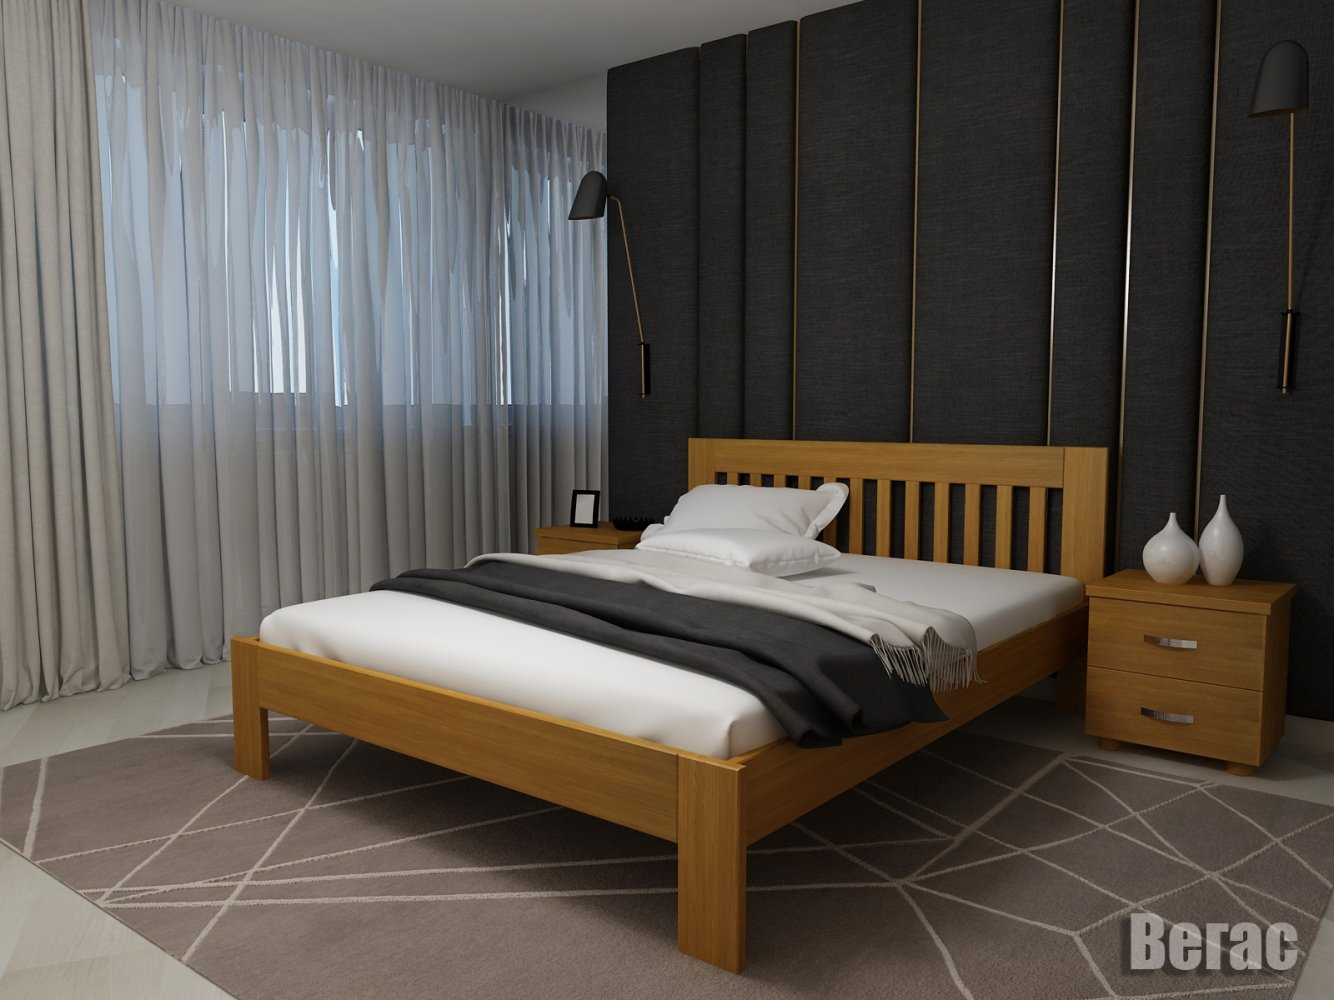 Кровать Вегас 5